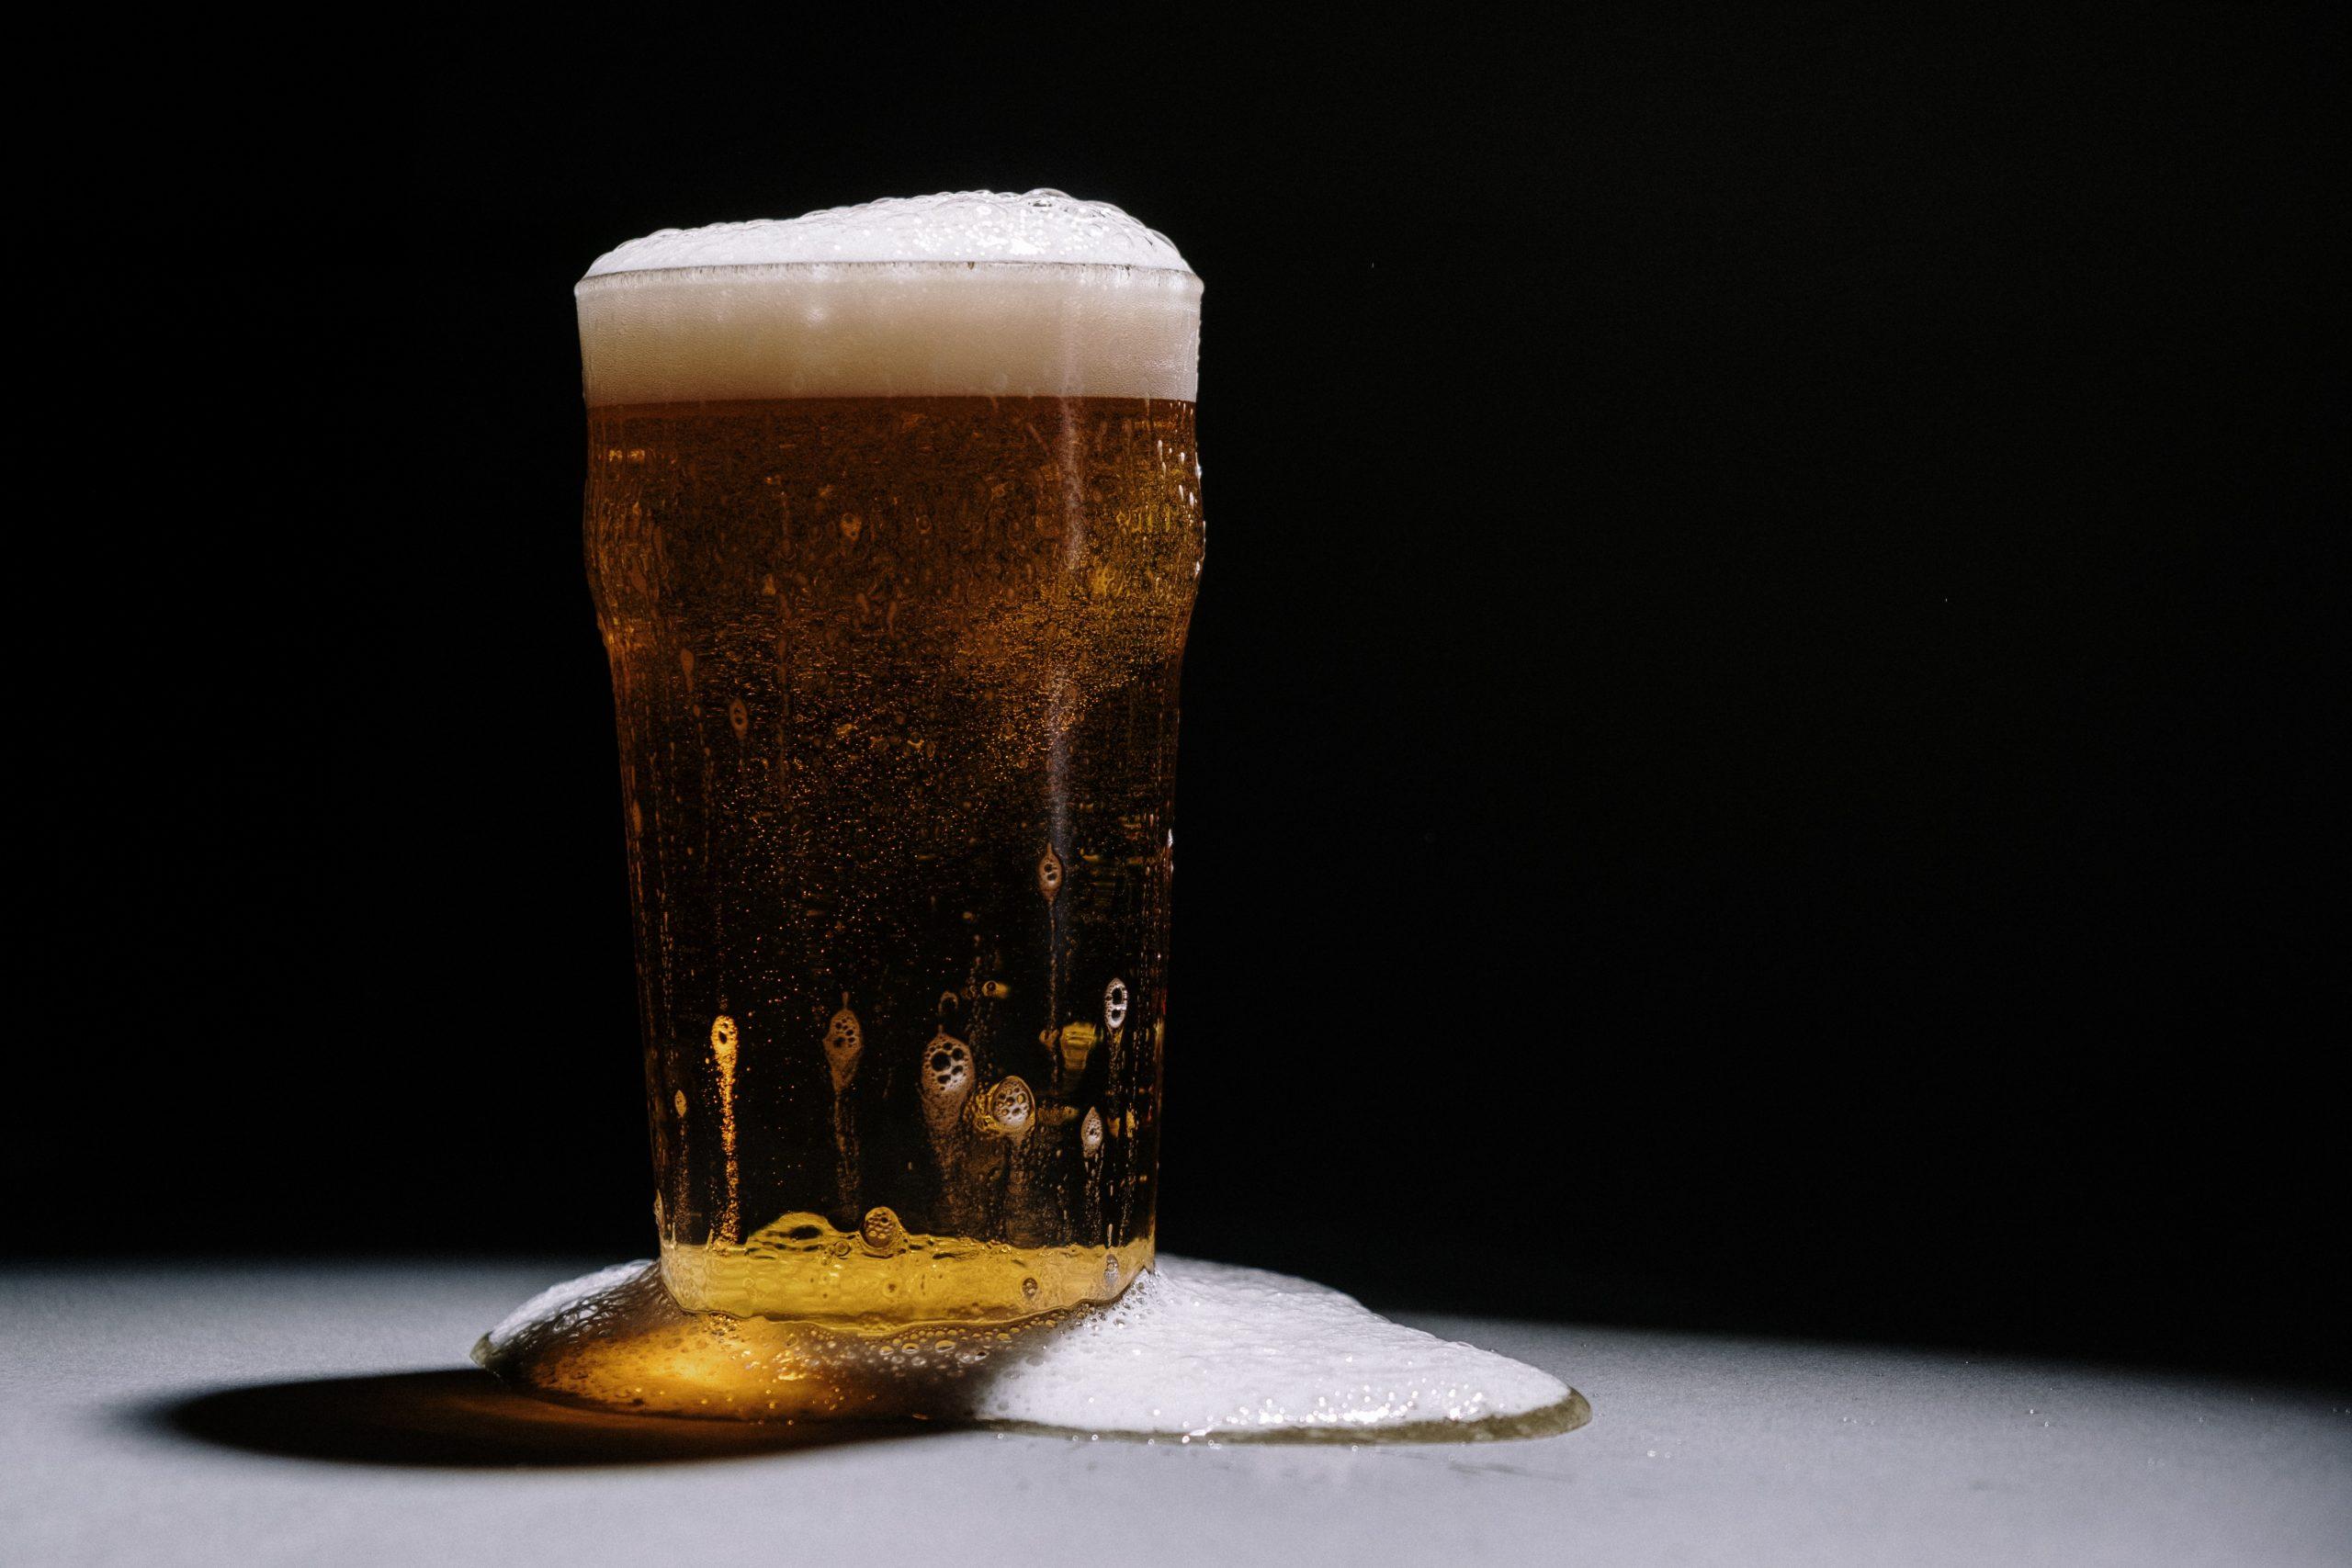 Biertje! Zelf gebrouwen